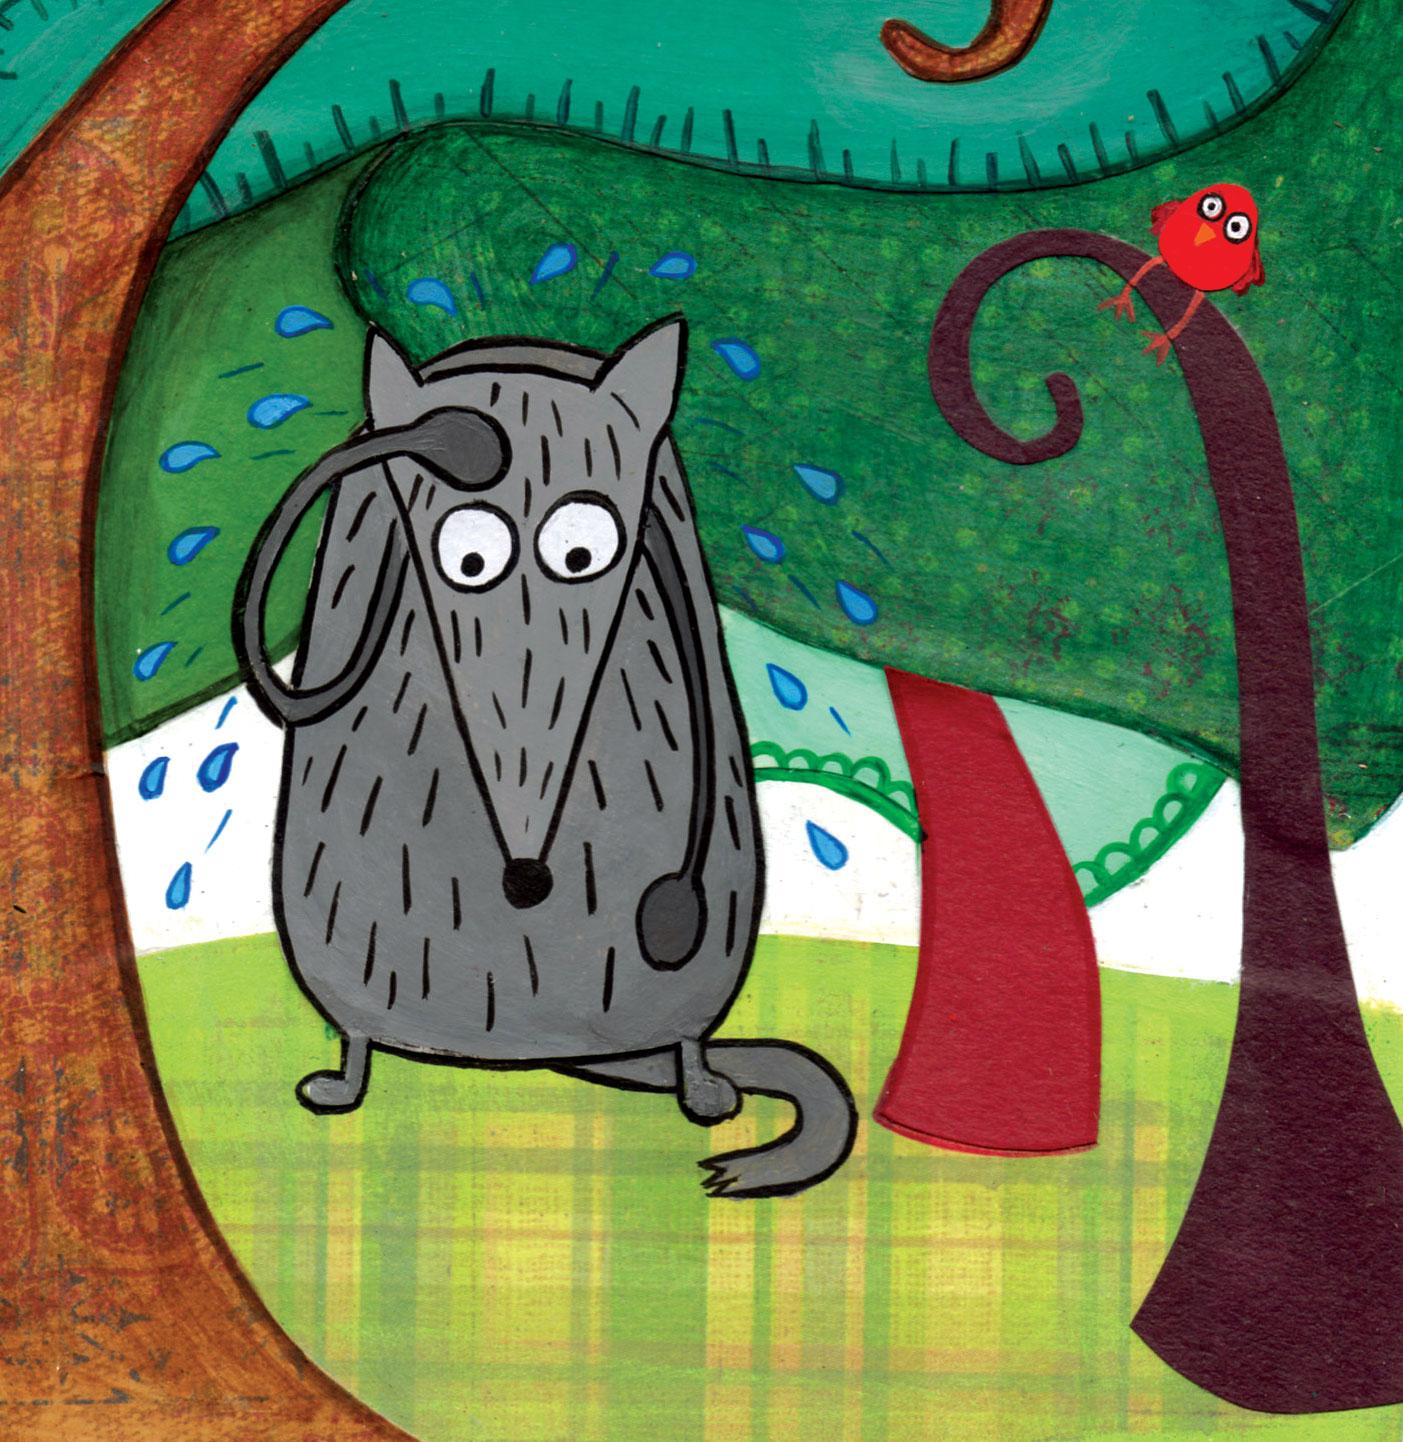 wolf-pantig-in-wood-web.jpg